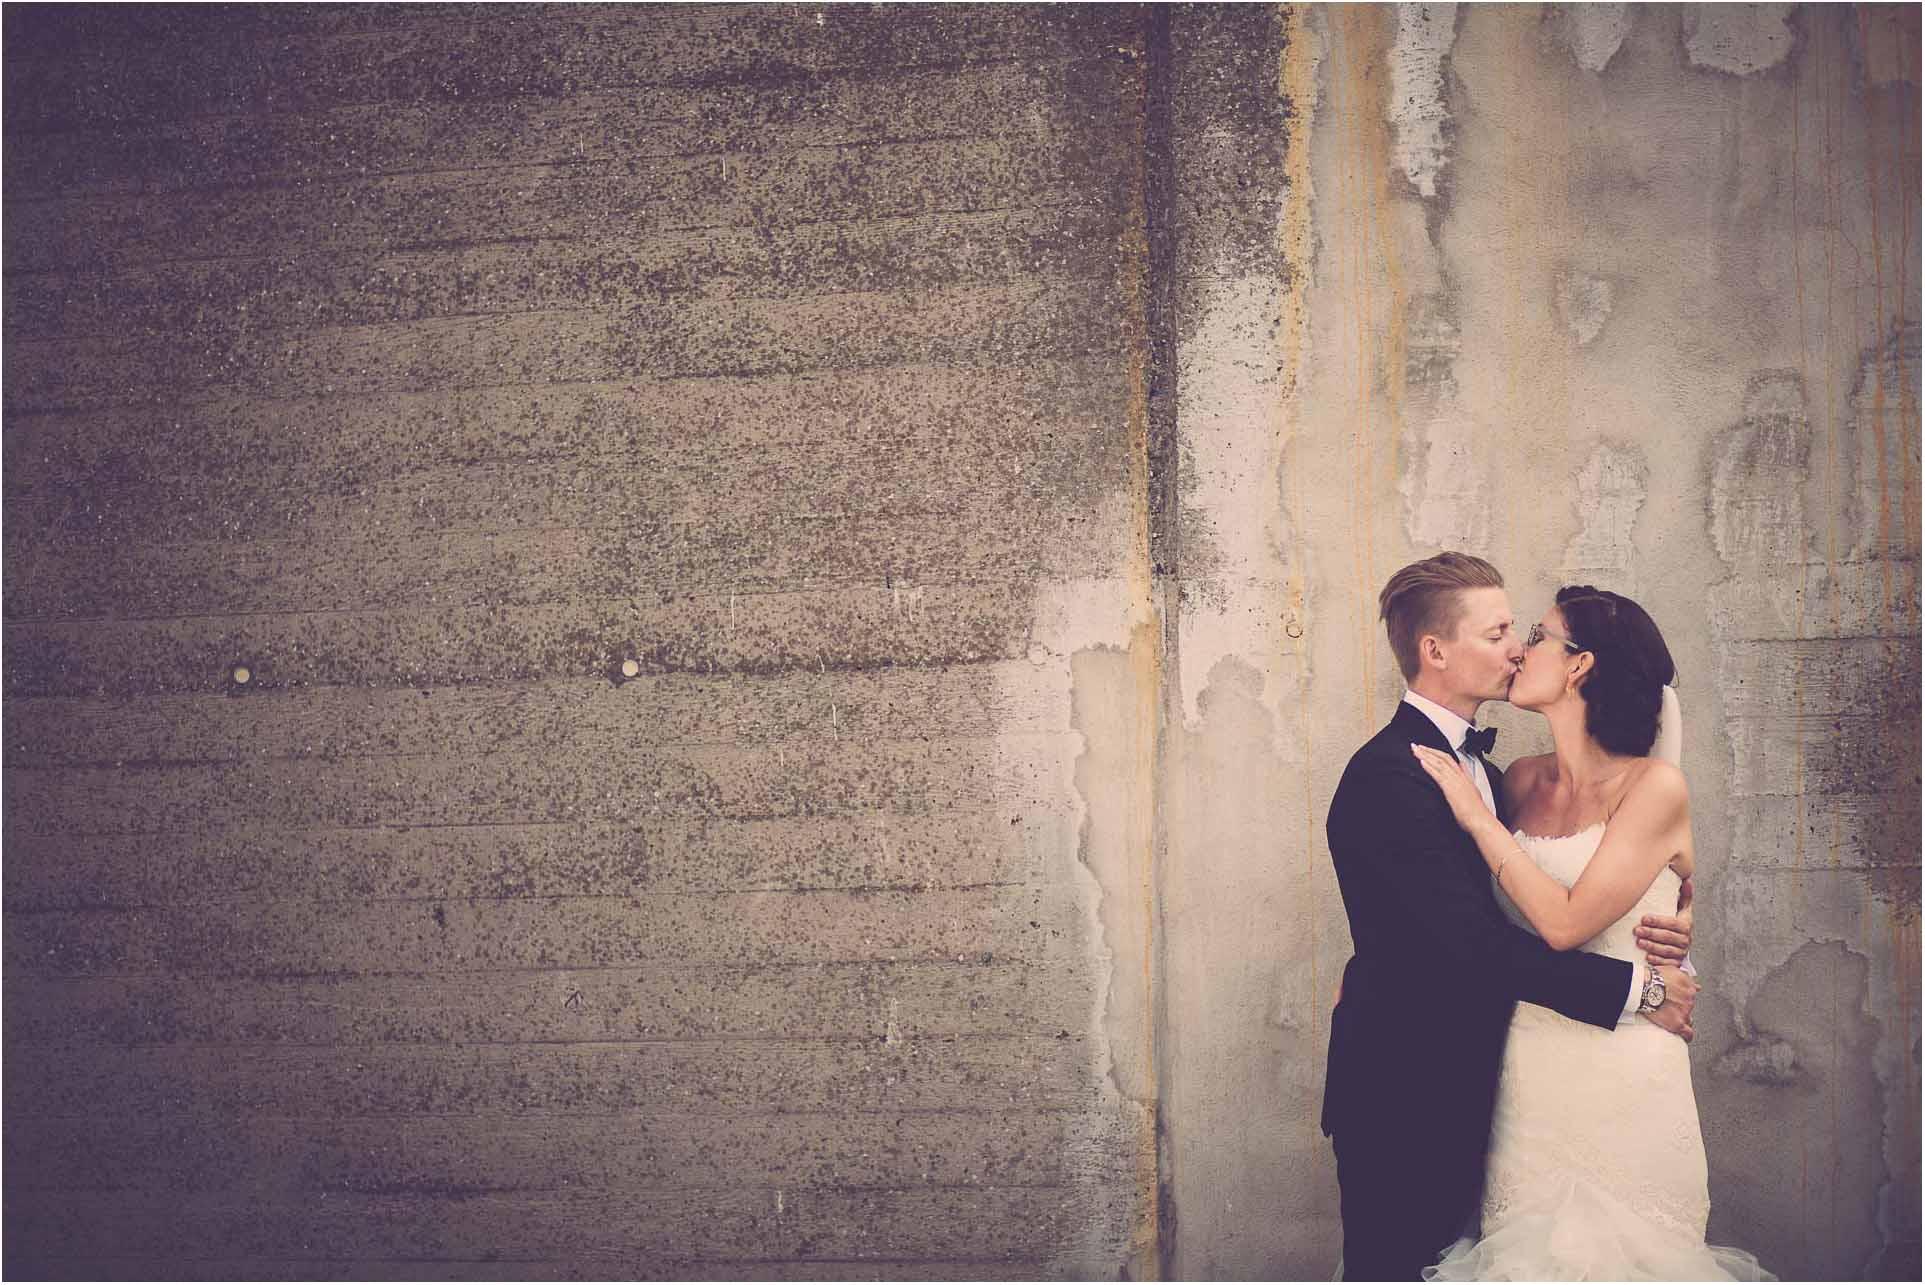 Kreative bryllupsbilleder